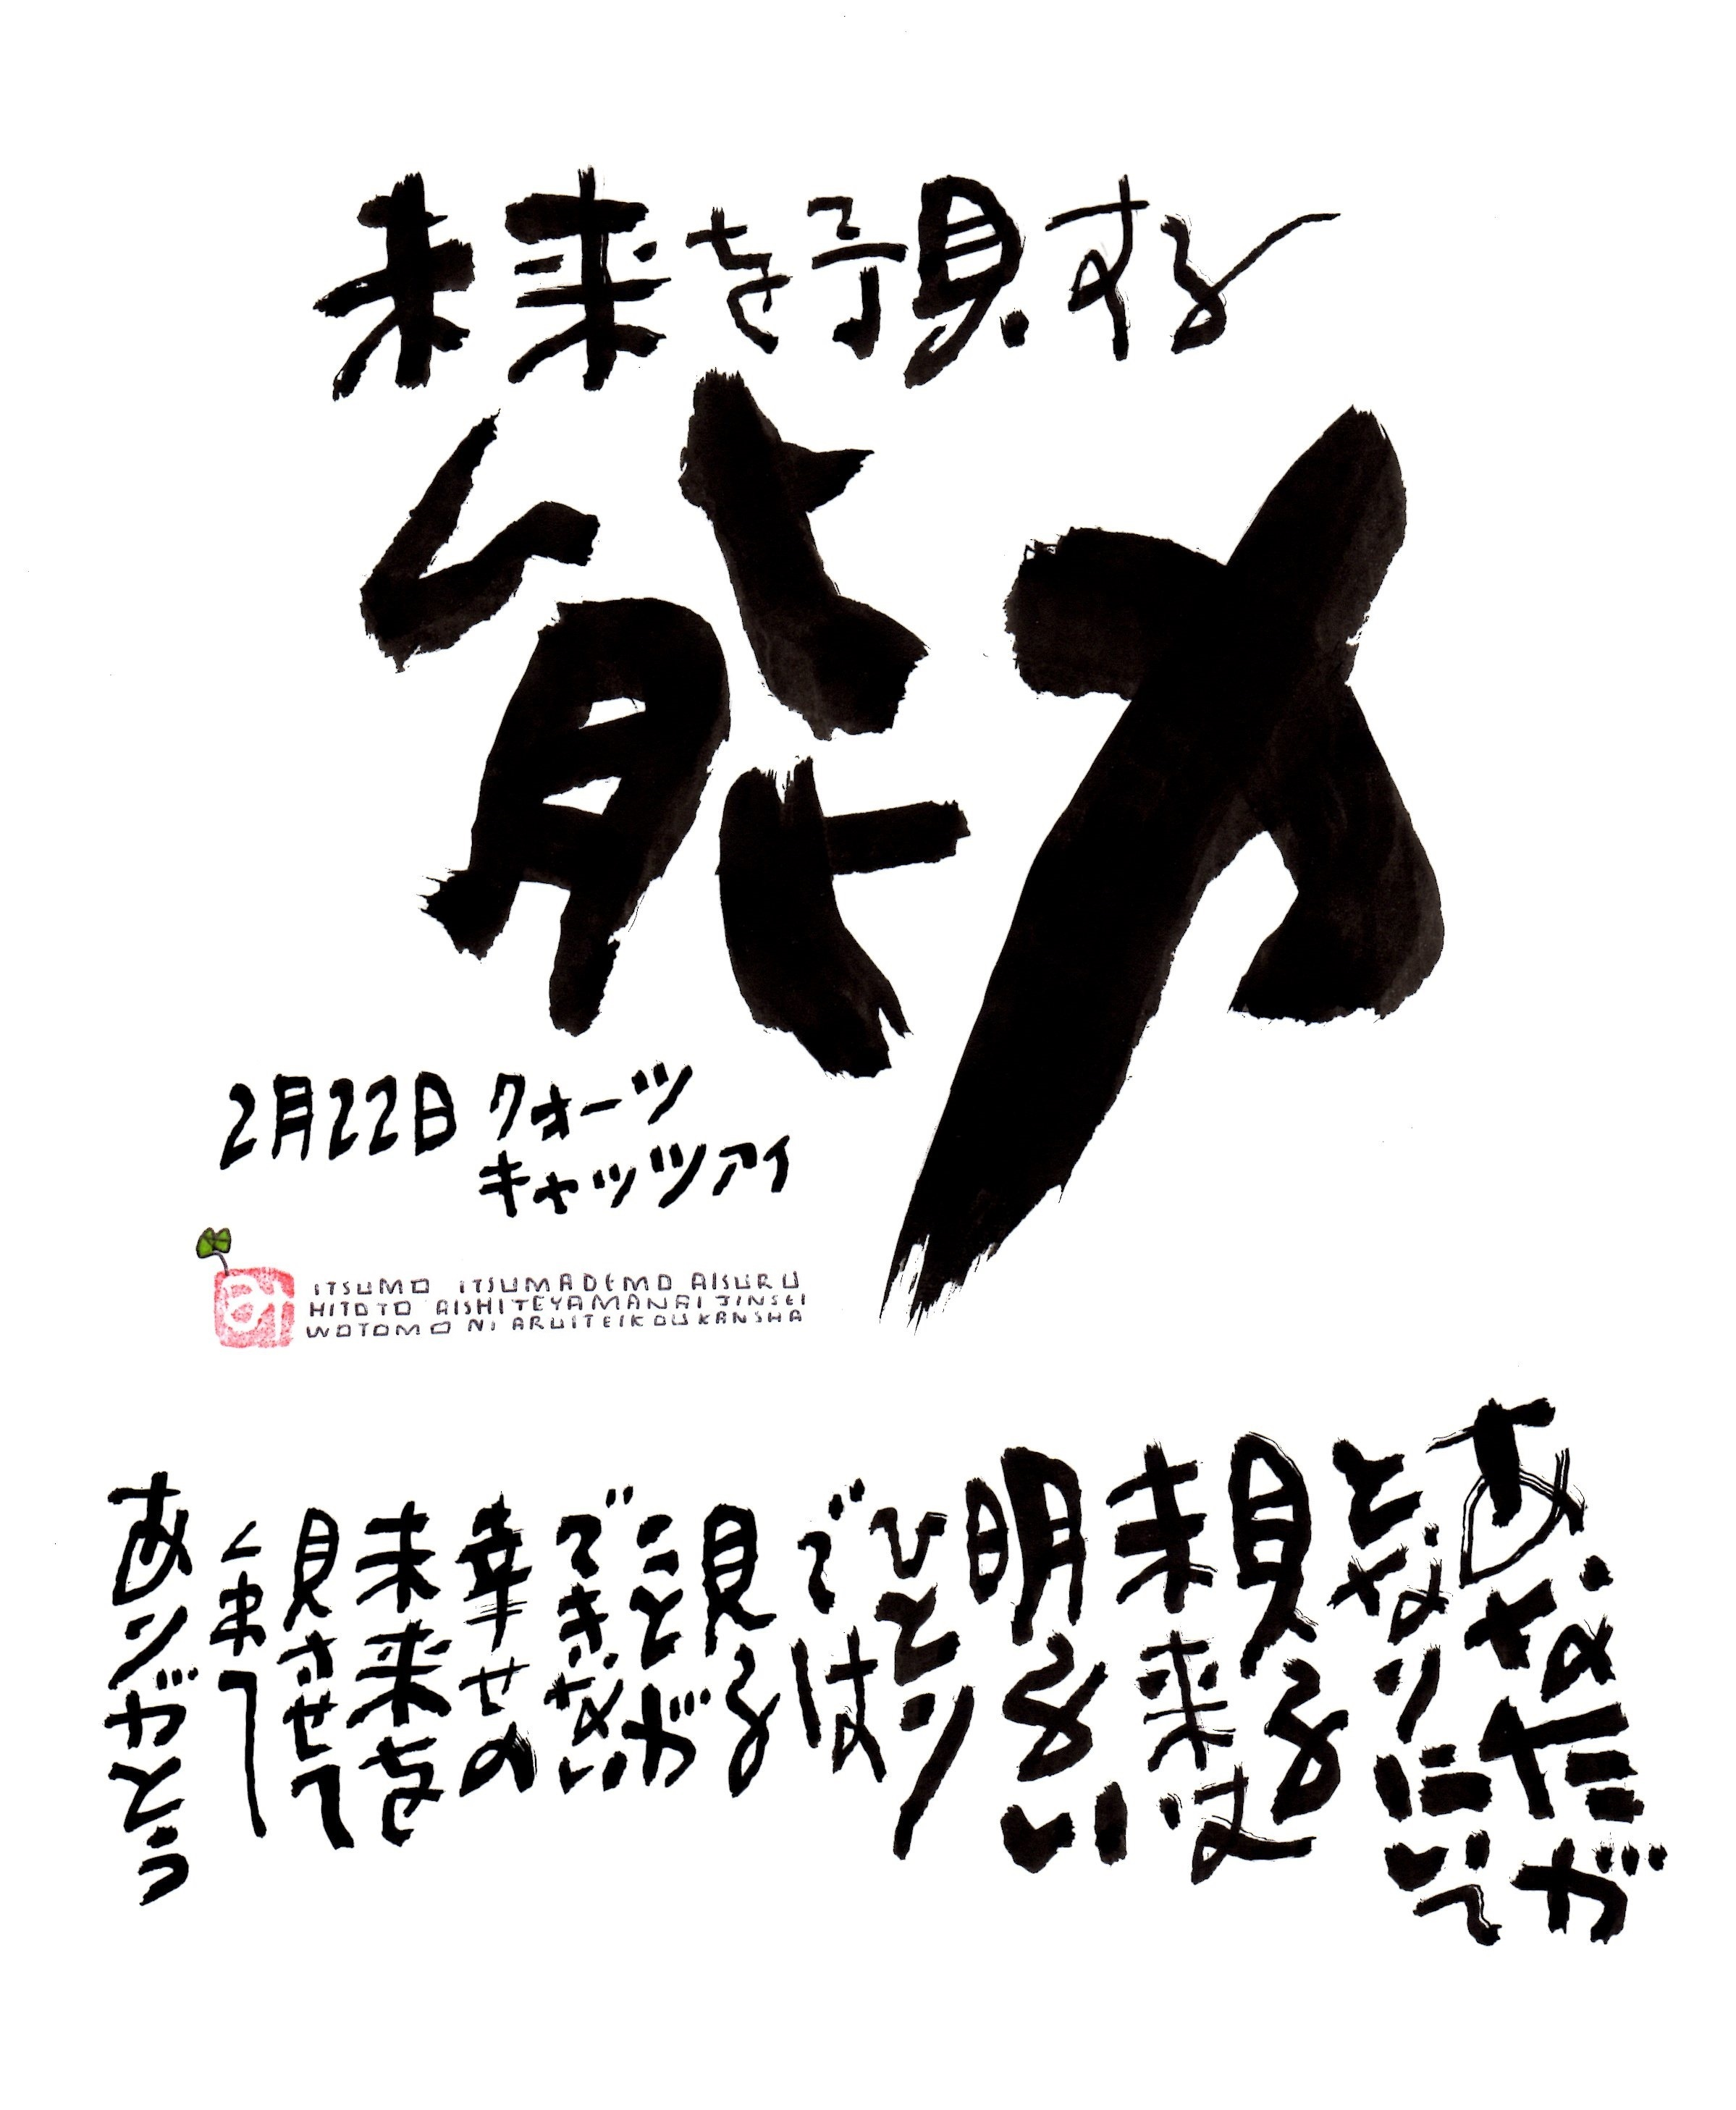 2月22日 結婚記念日ポストカード【未来を予見する能力】